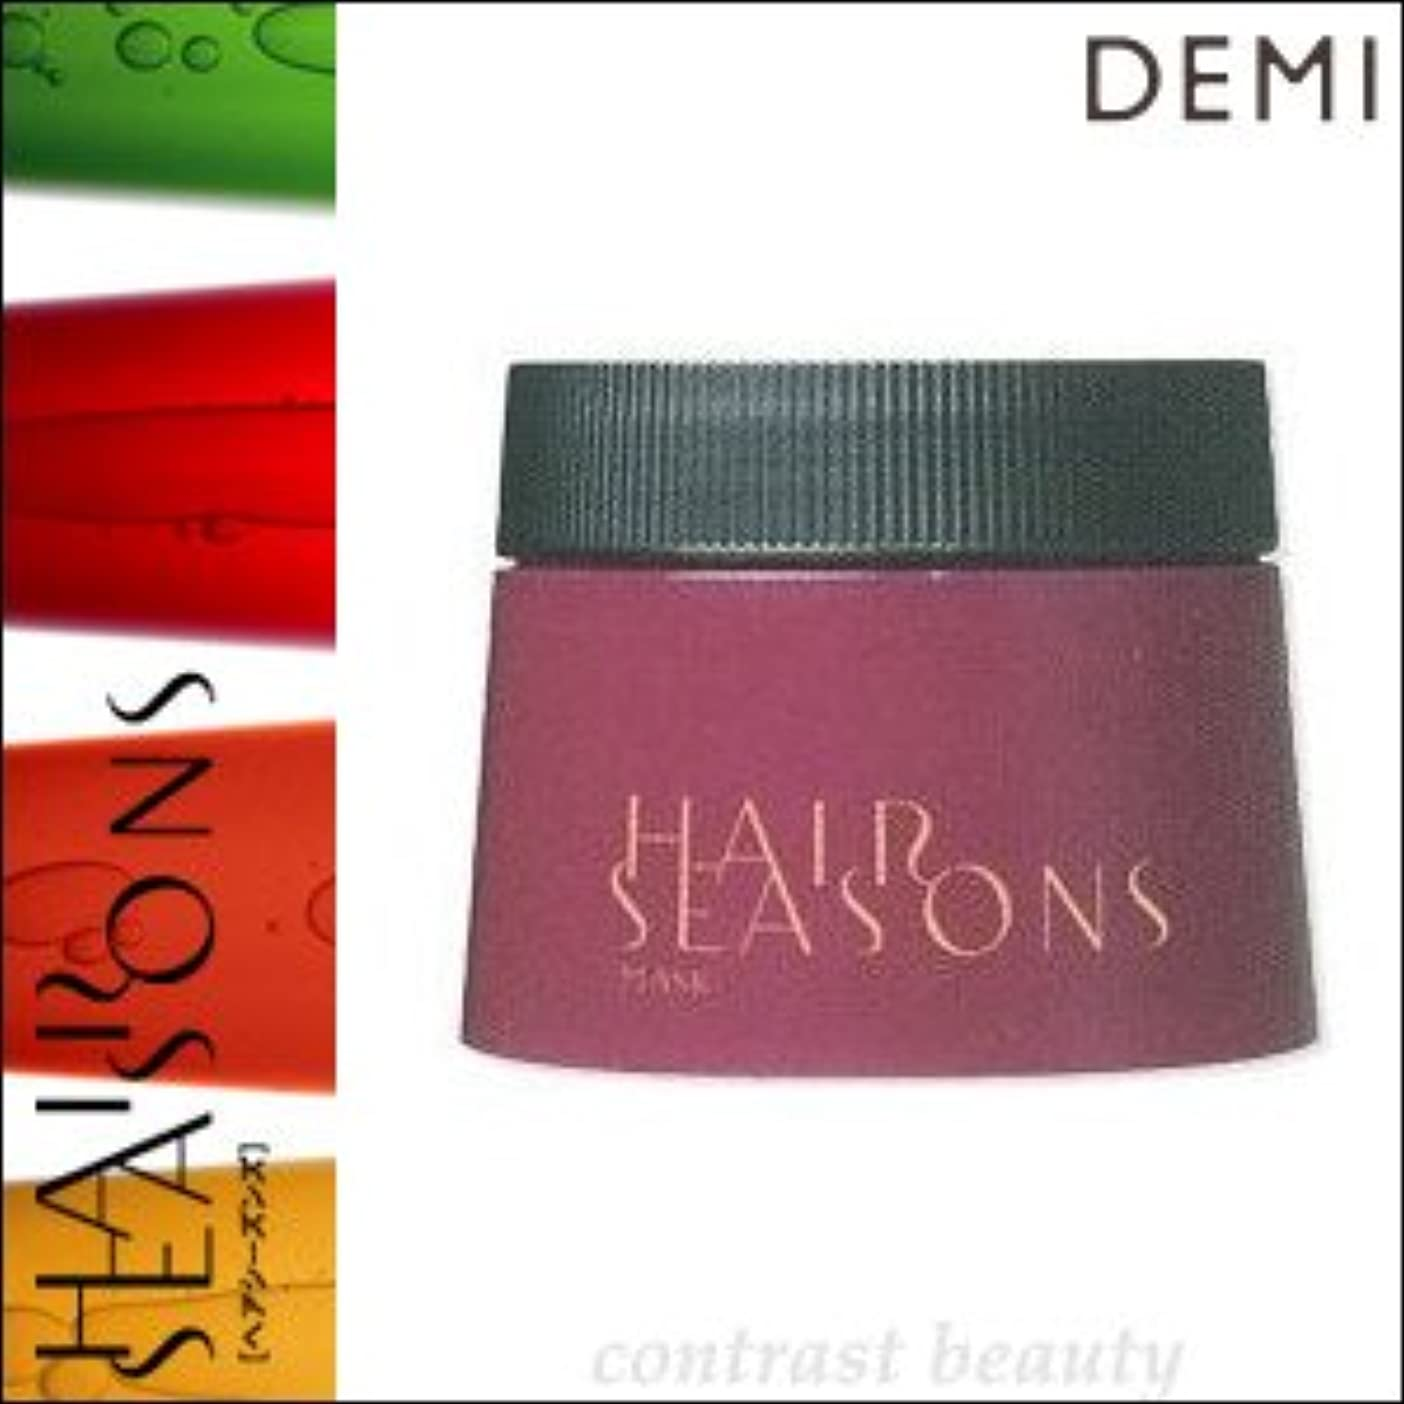 ほとんどの場合朝ごはんマトン【X2個セット】 デミ ヘアシーズンズ マスク 250g DEMI HAIR SEASONS